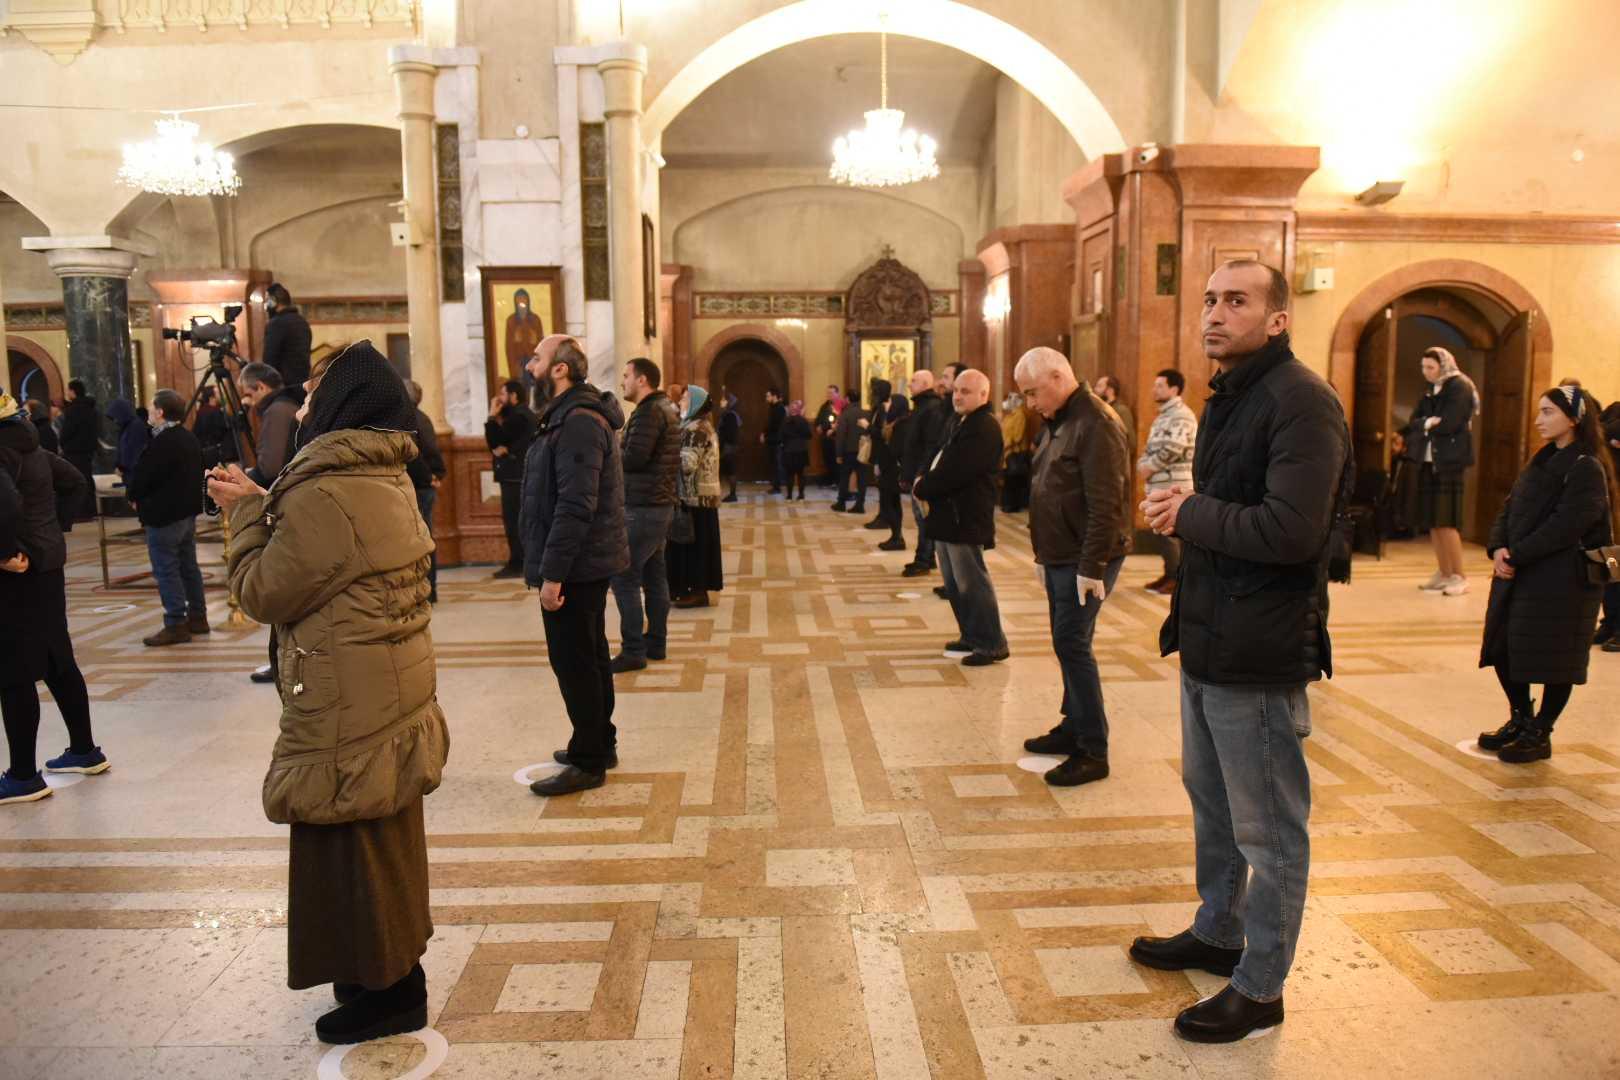 Социальное дистанцирование во время причастия 29 марта в Троицком соборе в Тбилиси. Фото: Мариам Никурадзе / OC Media.